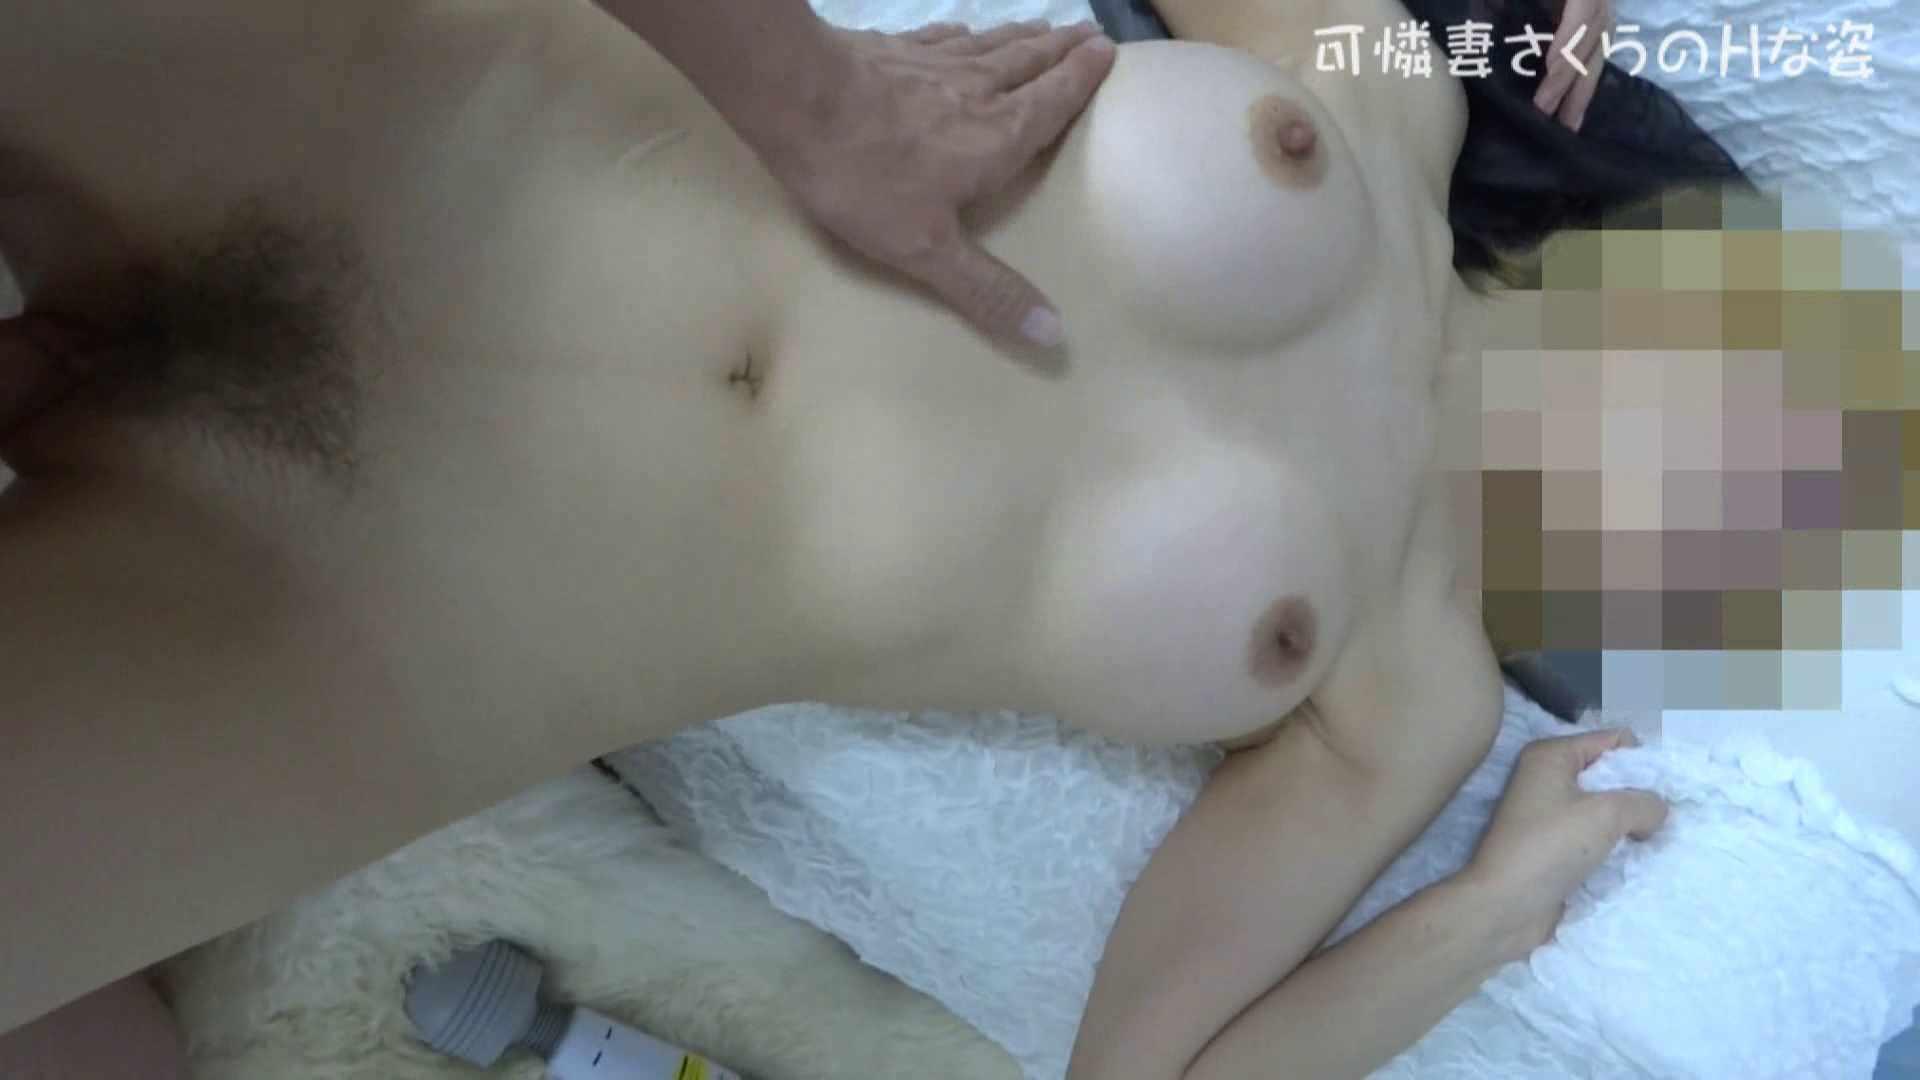 可憐妻さくらのHな姿vol.29 セックス AV無料動画キャプチャ 58枚 27